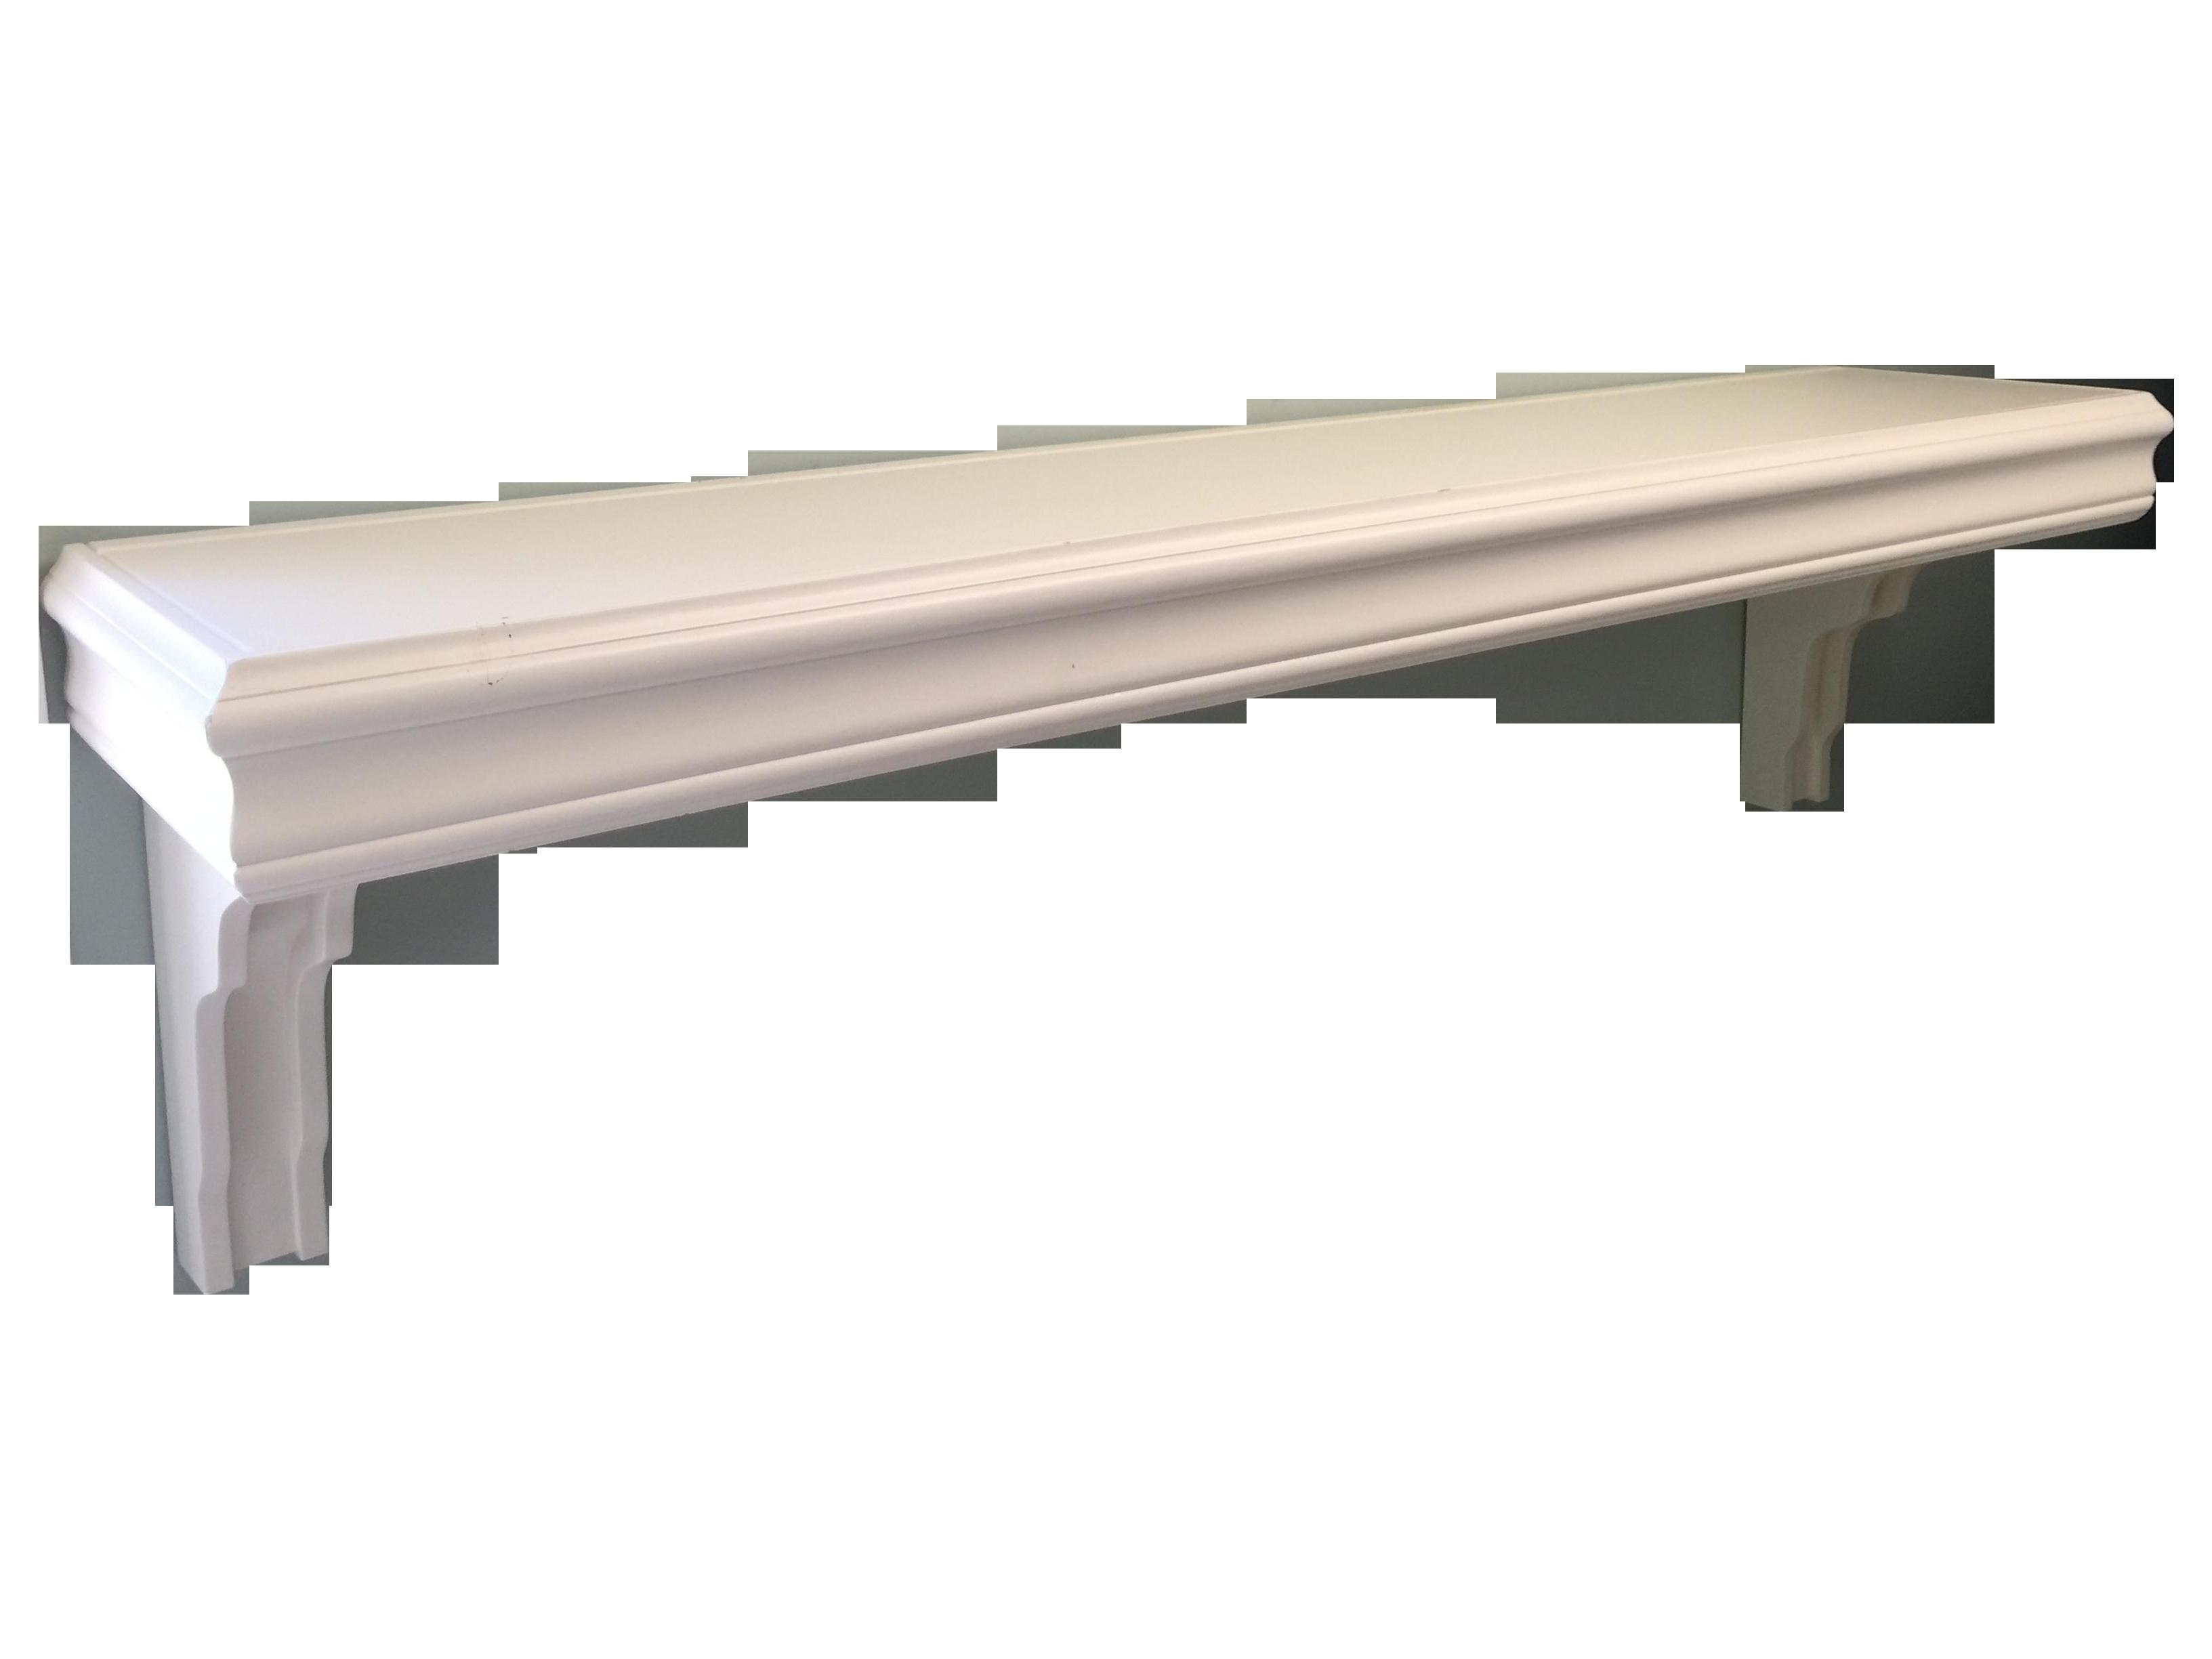 ballard designs white shelves a pair chairish ballard designs white shelves a pair chairish